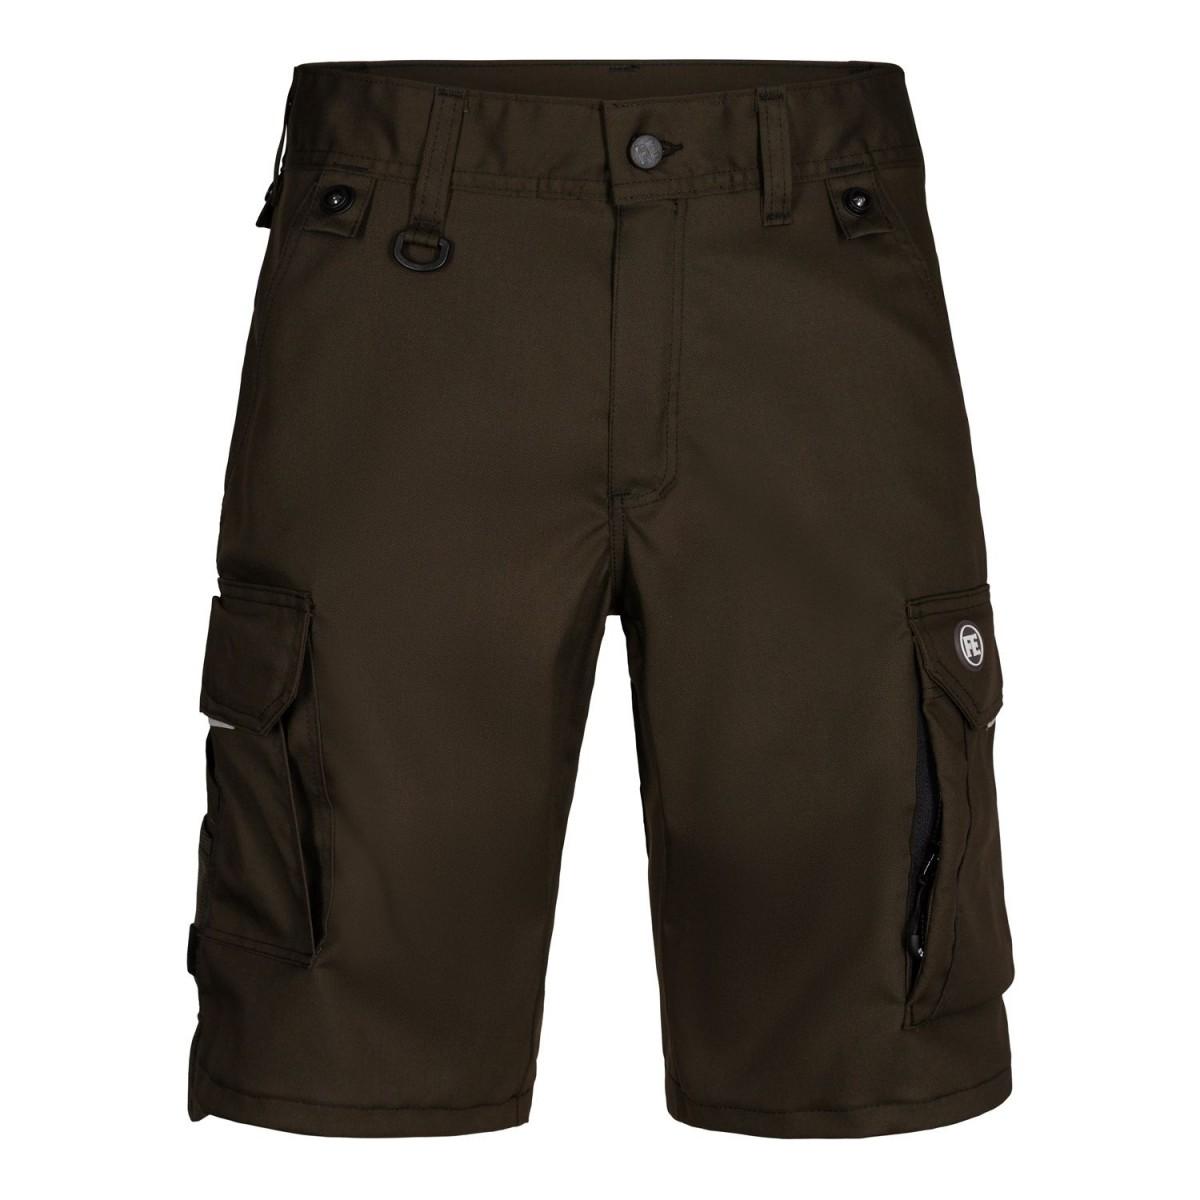 X-treme Strækbar H/Shorts-34